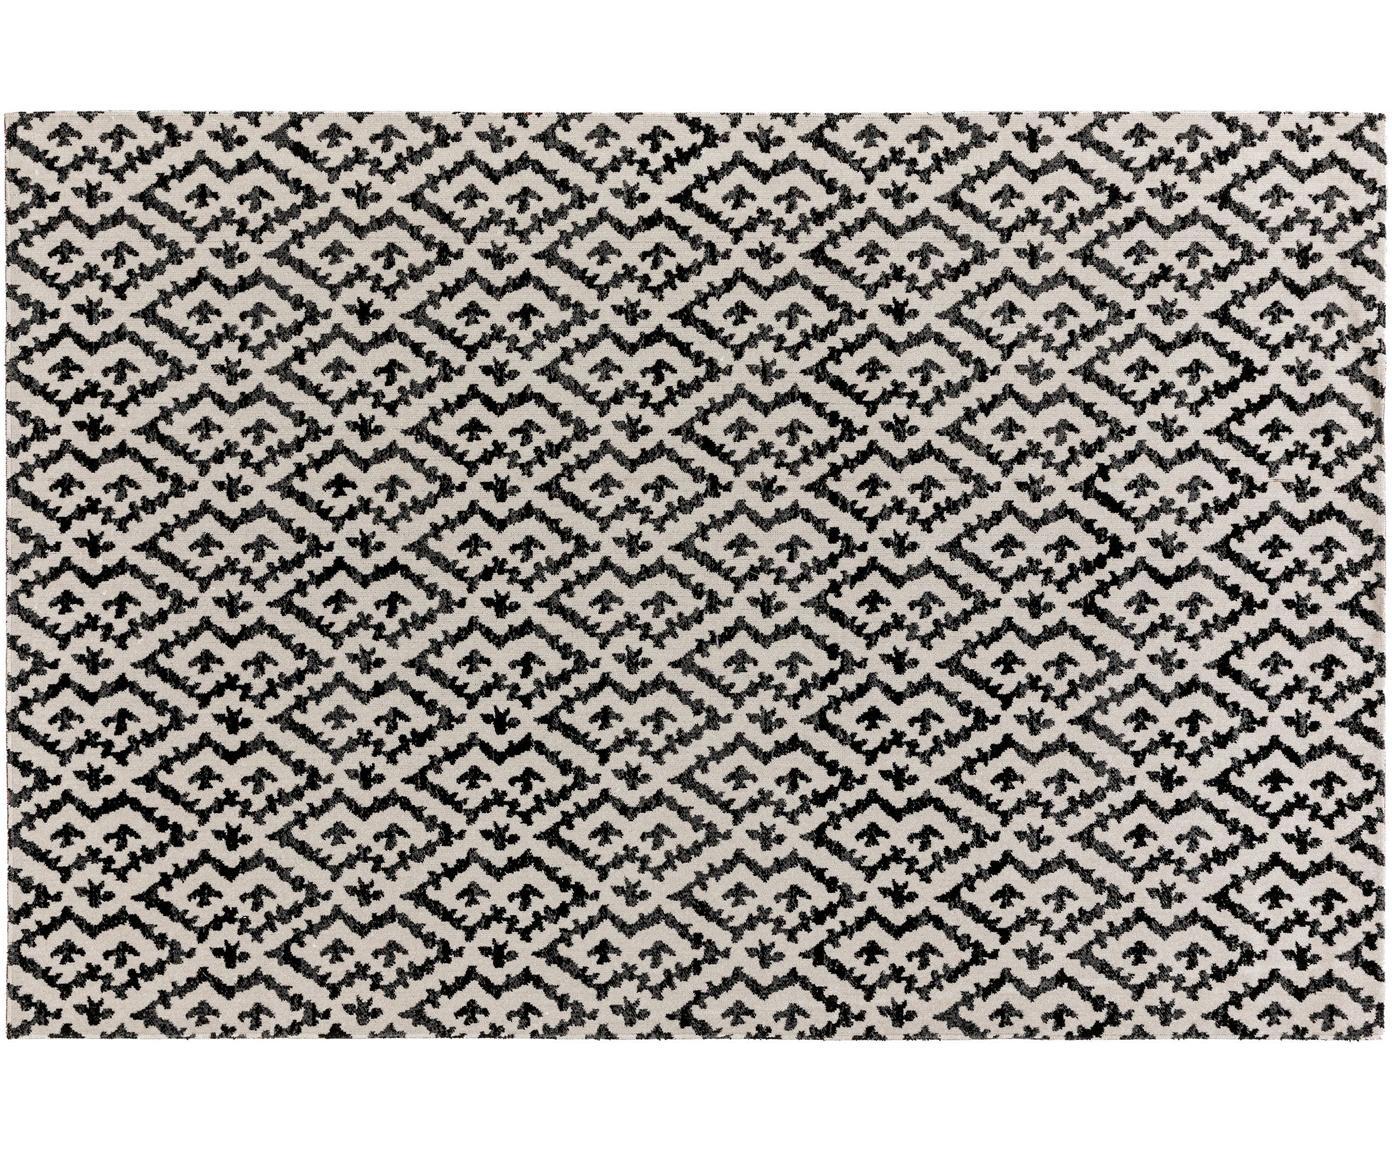 In- & Outdoor-Teppich Jerry im Ethno Look, 100% Polypropylen, Schwarz, Weiß, B 160 x L 230 cm (Größe M)